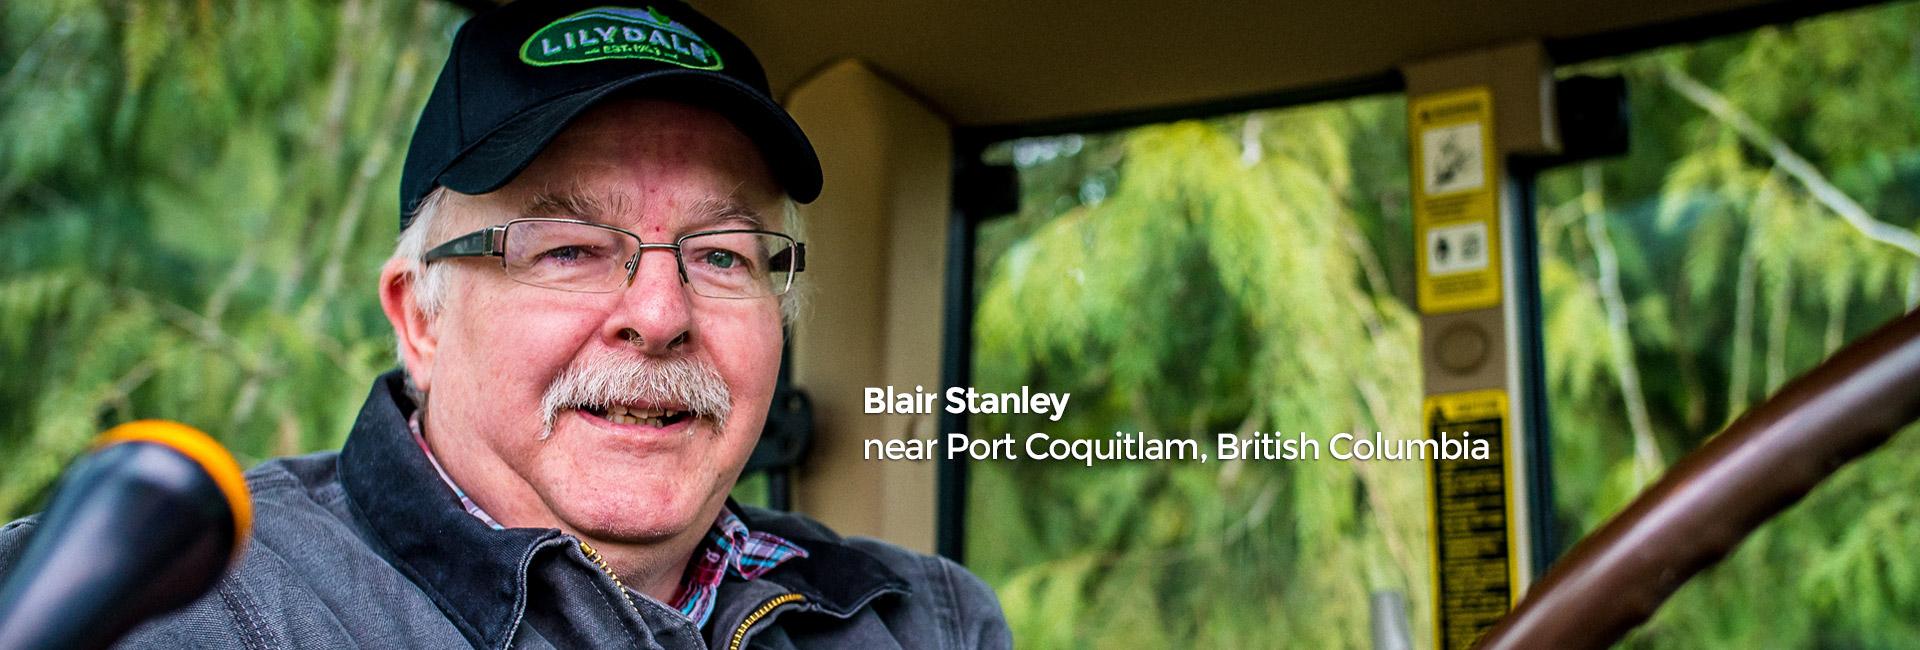 Blair Stanley